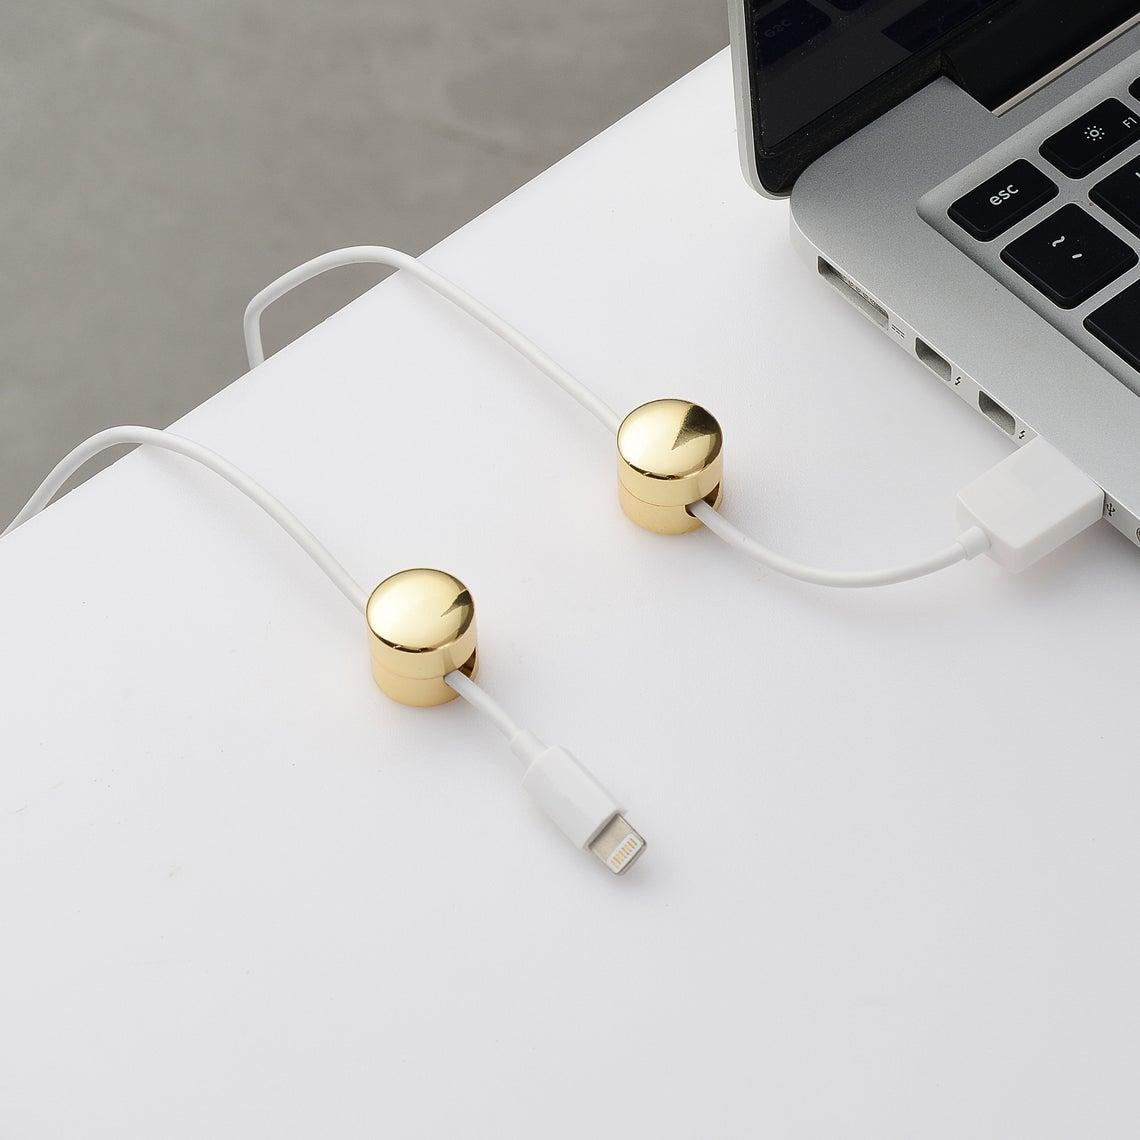 accessoires pour organiser les câbles sur le bureau